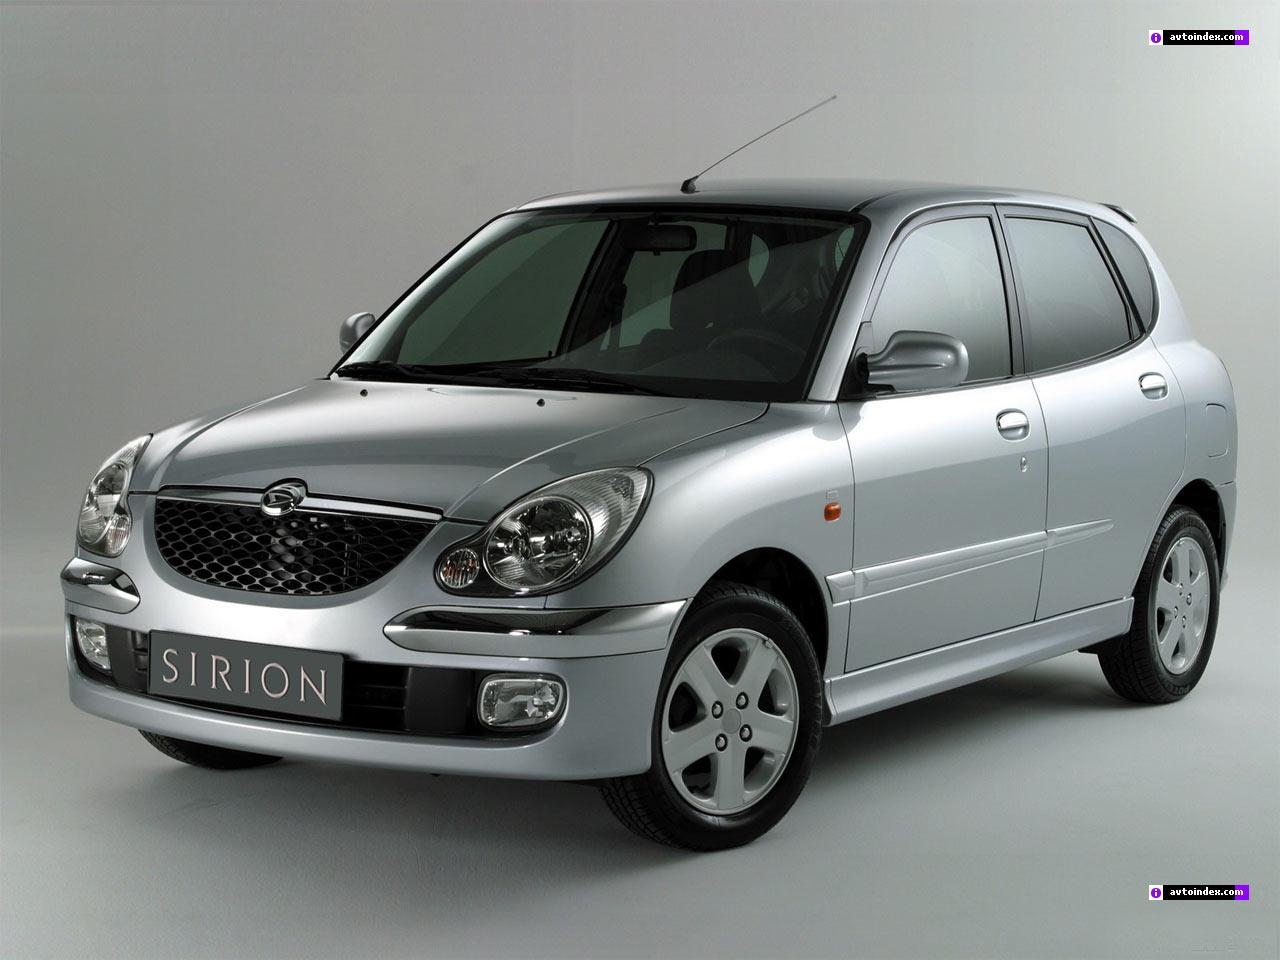 Daihatsu Sirion 2002 30-1-